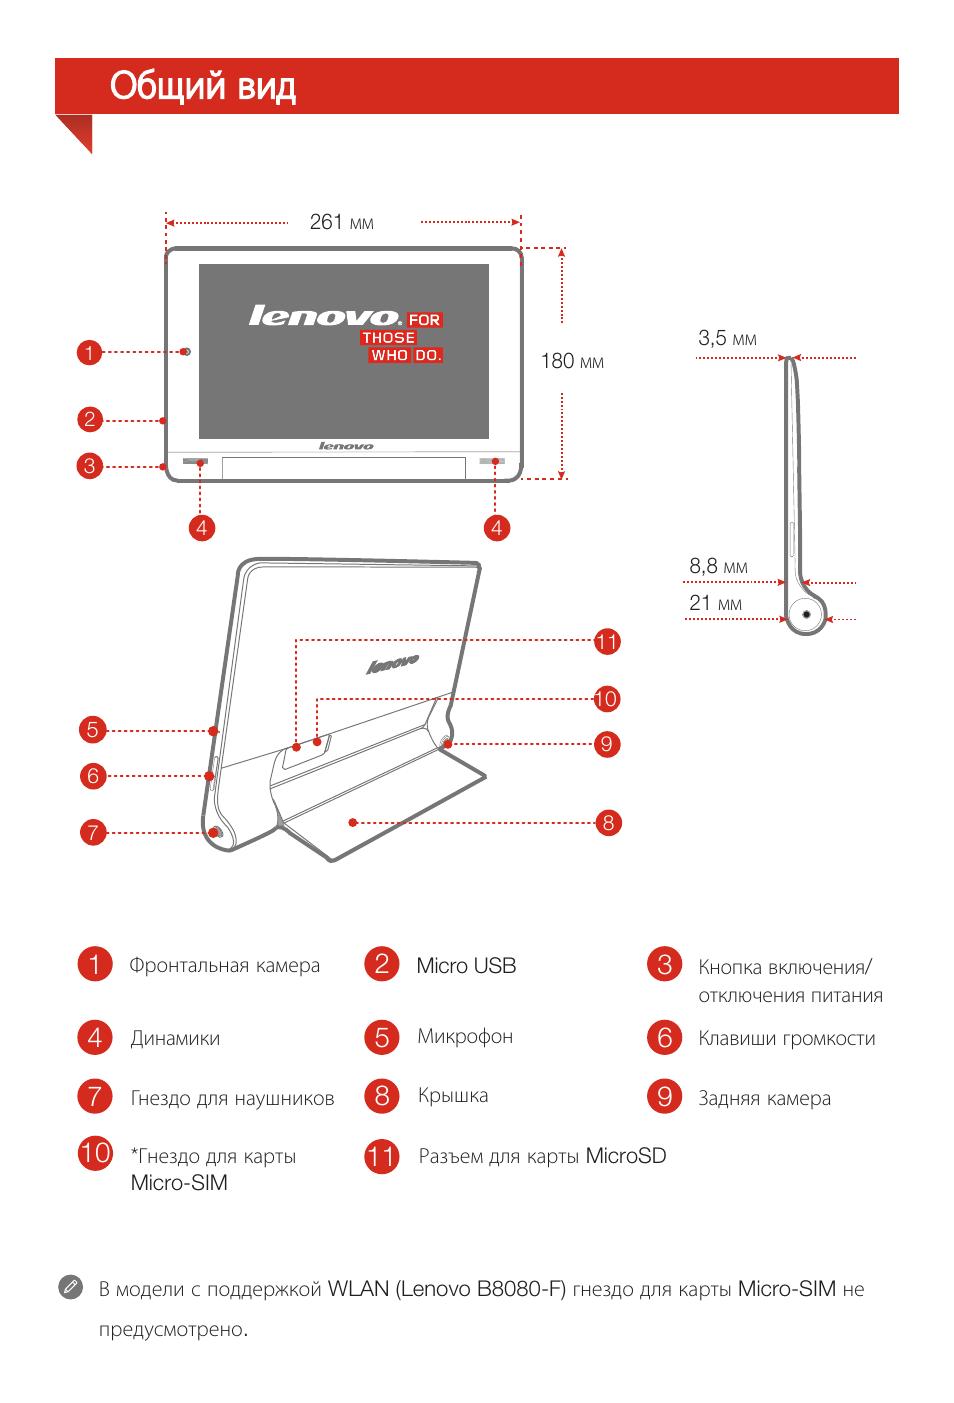 Общий вид Инструкция по эксплуатации Lenovo Yoga Tablet 10 HD+ B8080 Страница 16 / 36 Оригинал